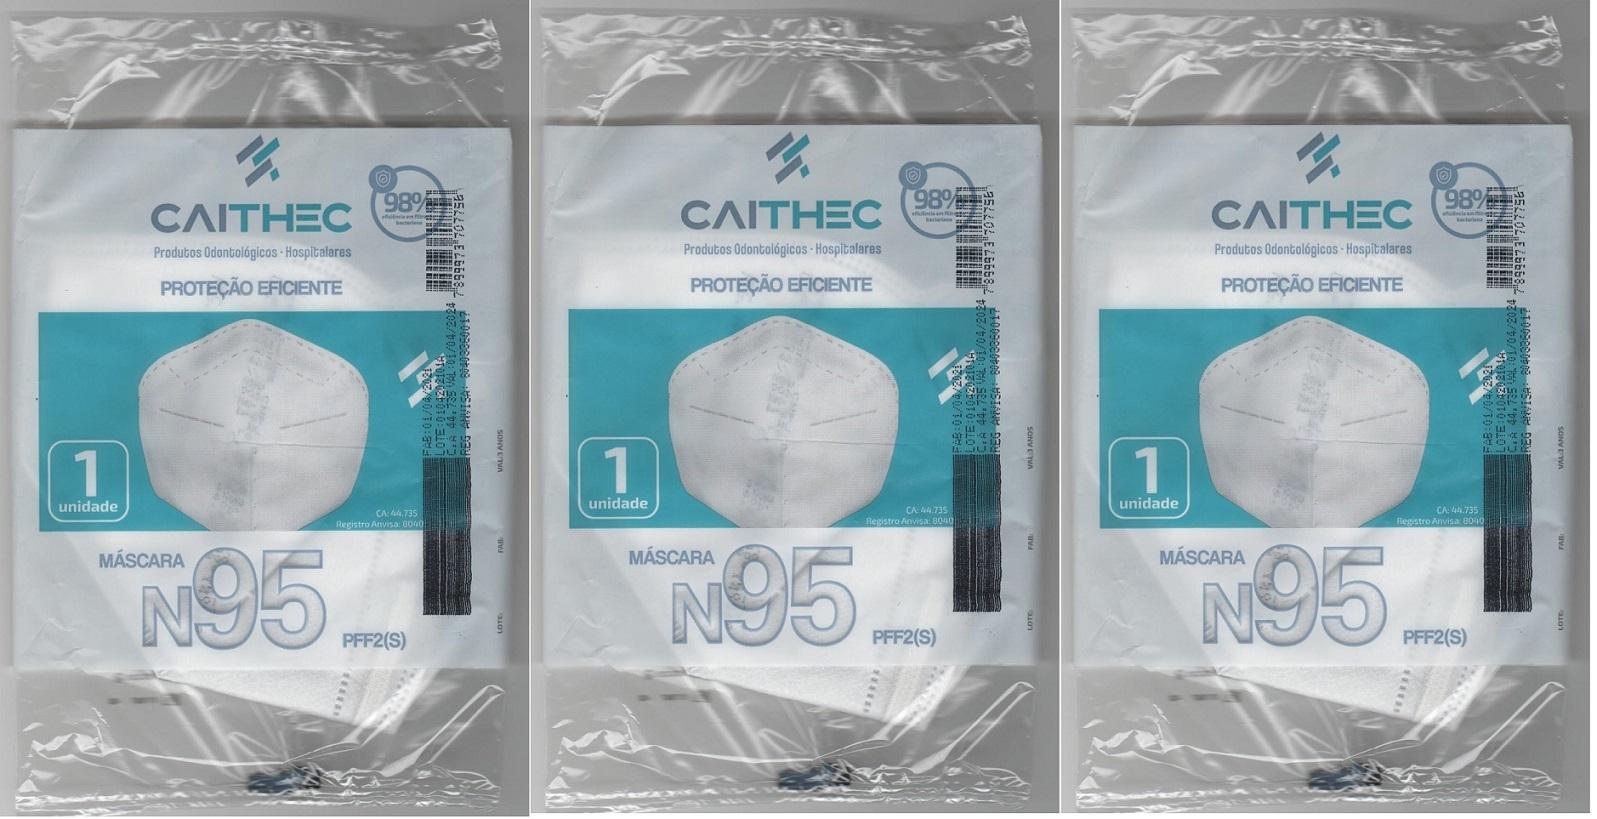 Mascara N95 Pff2 98% Proteção ANVISA/INMETRO/CA 3 unidades